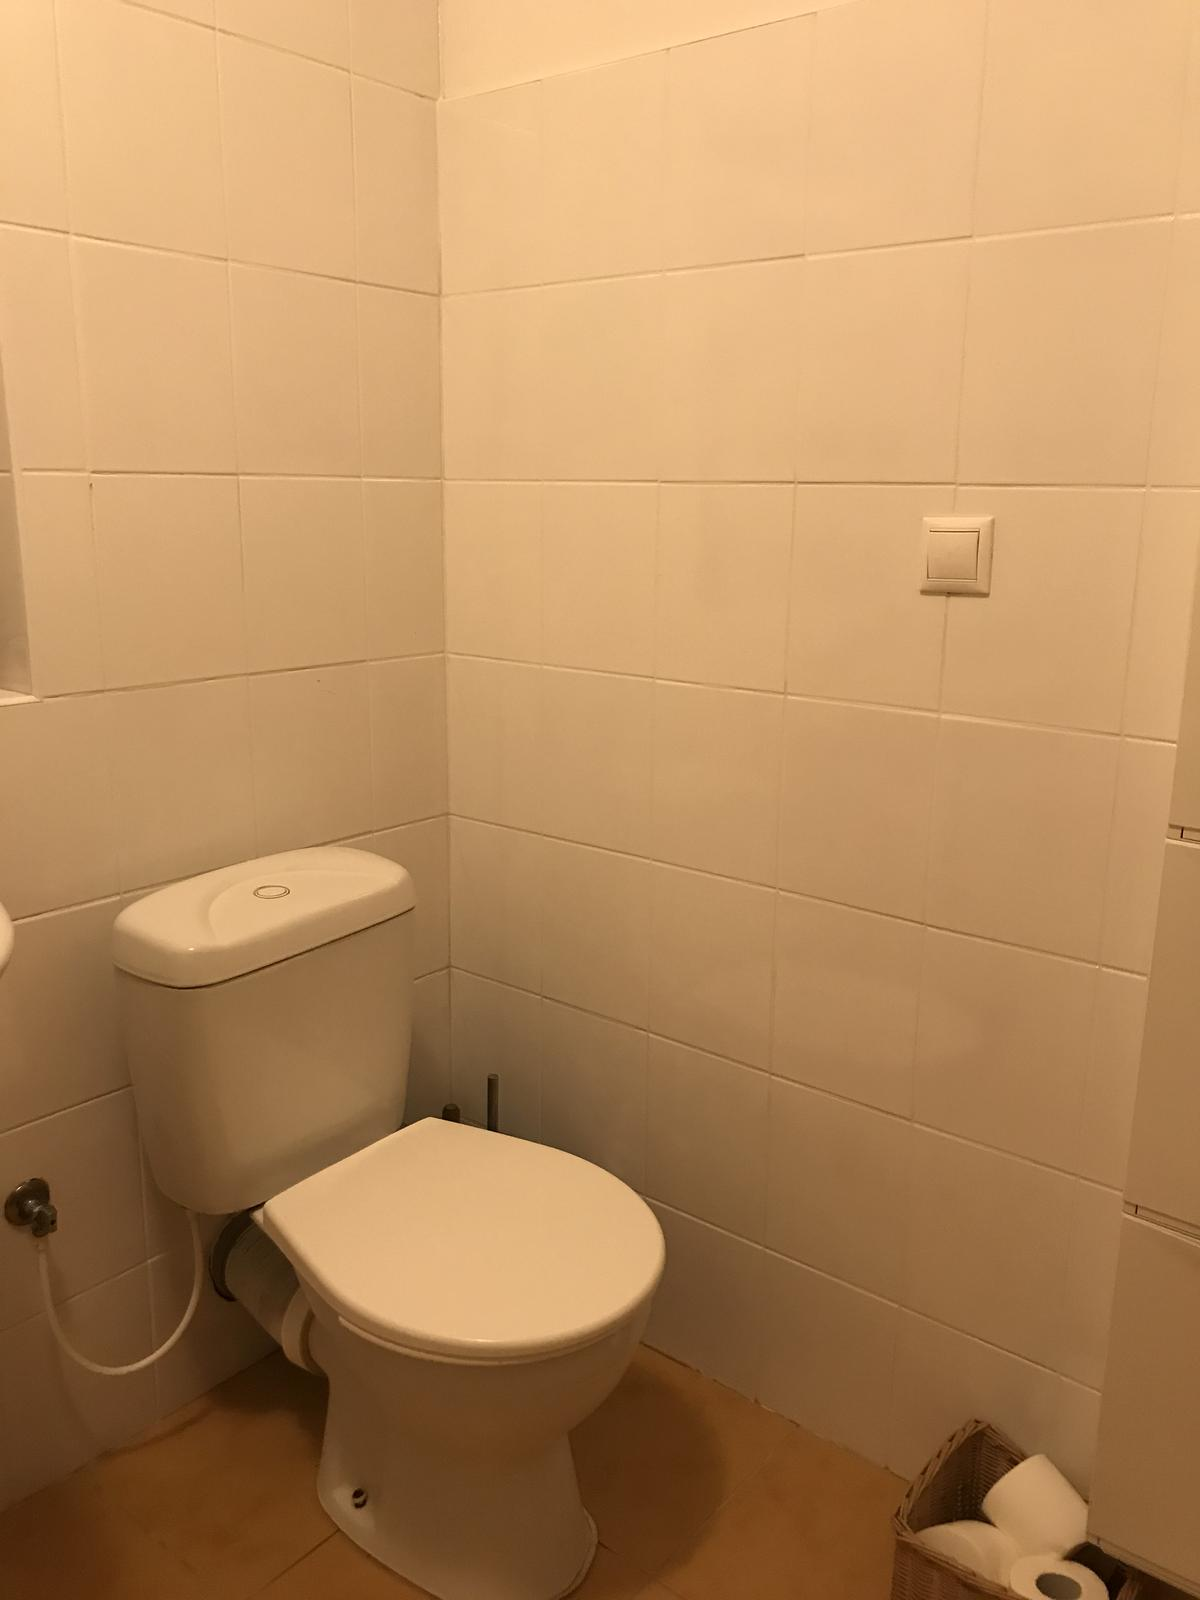 Z příšerné koupelny tvořím trochu lepší 💪 - Obrázek č. 12